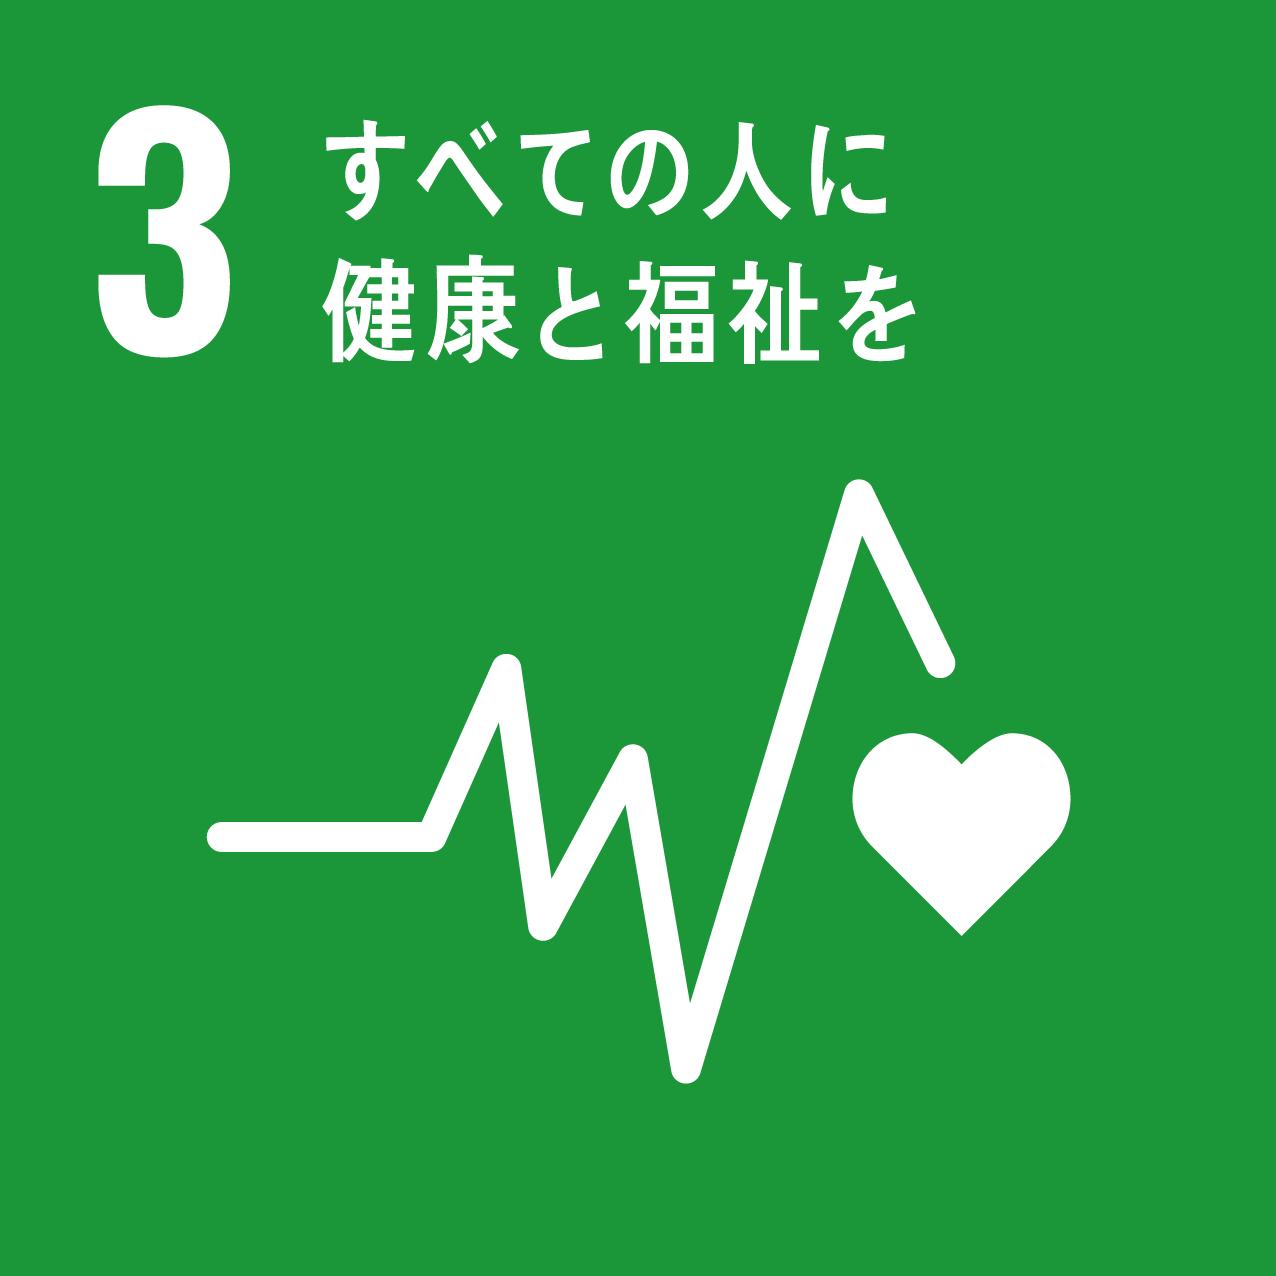 3,すべての人に健康と福祉を